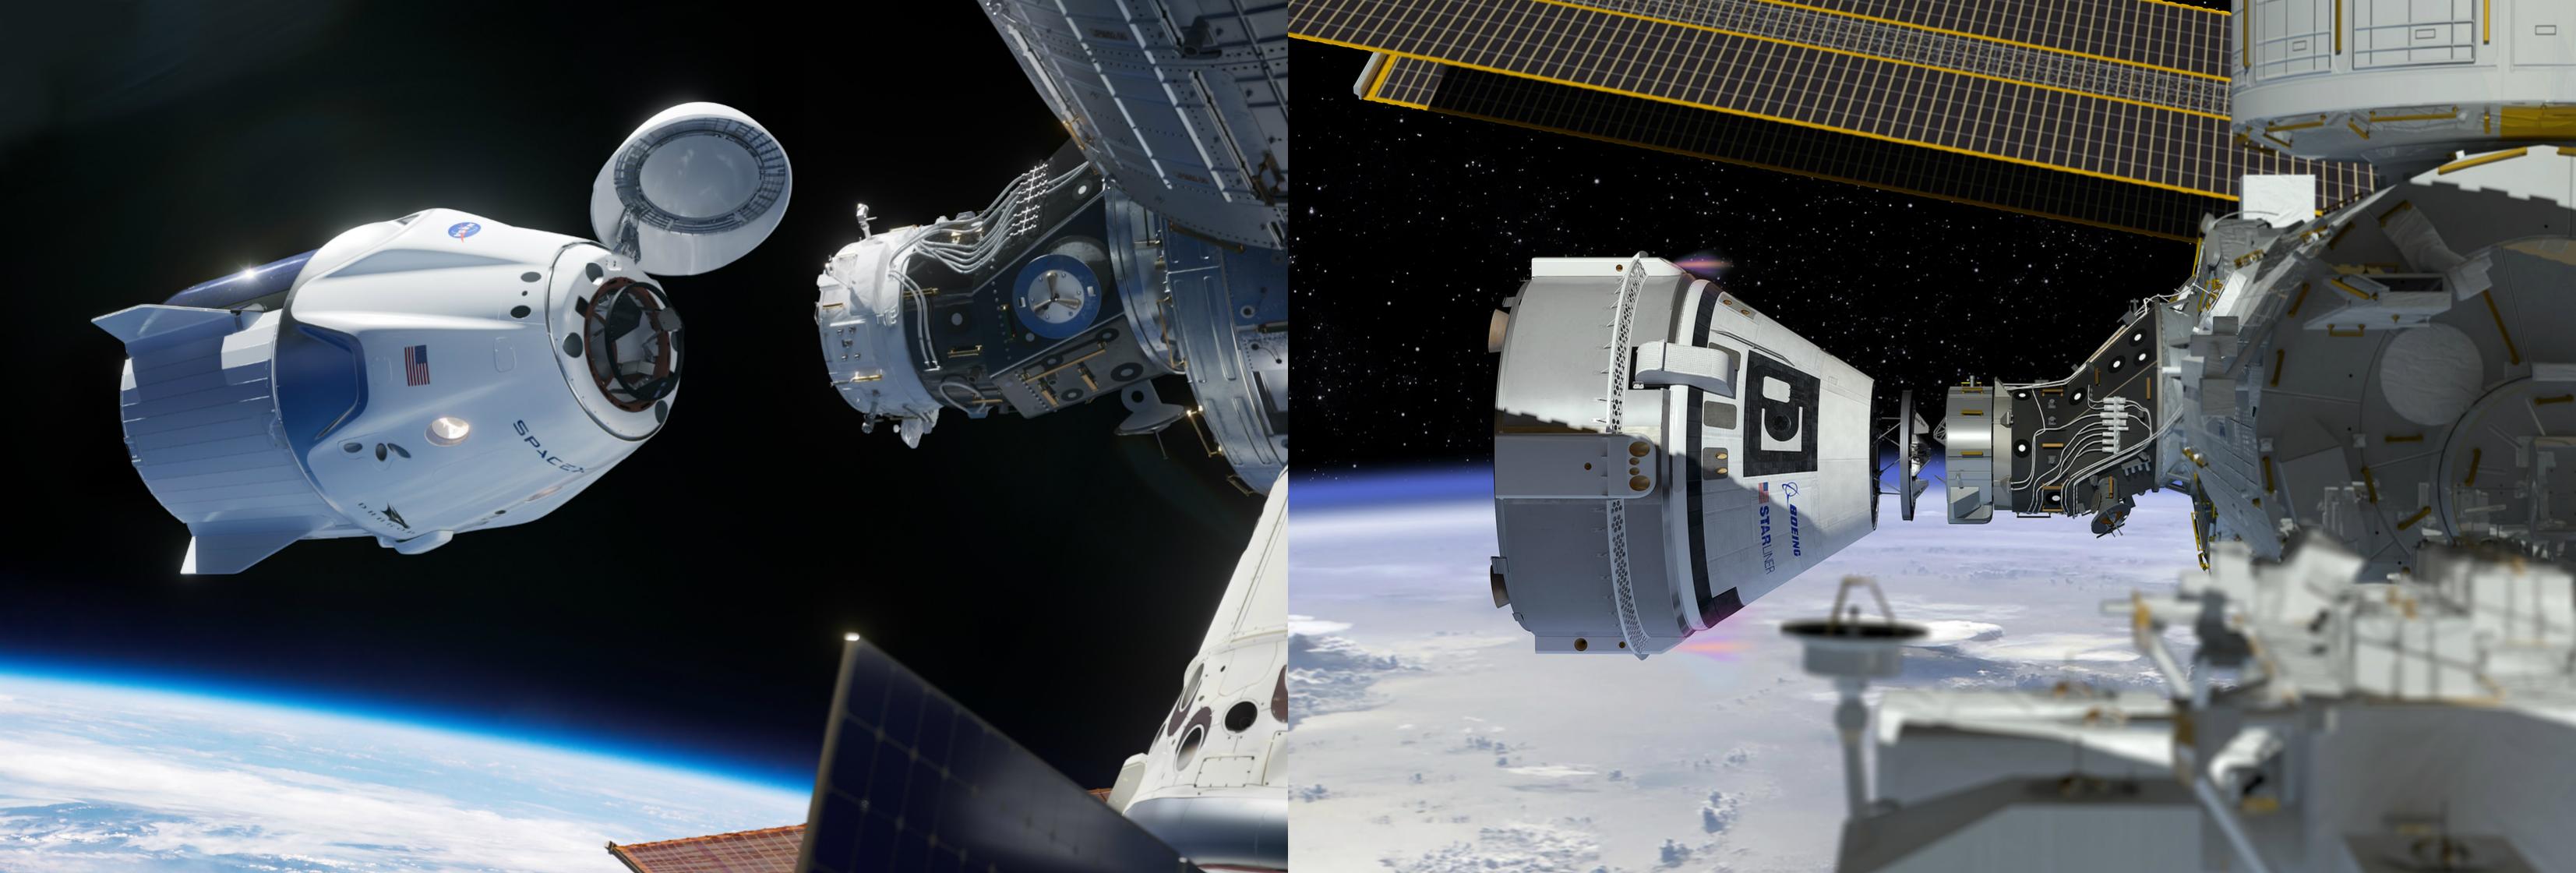 První let vesmírné lodi Crew Dragon proběhne ještě letos